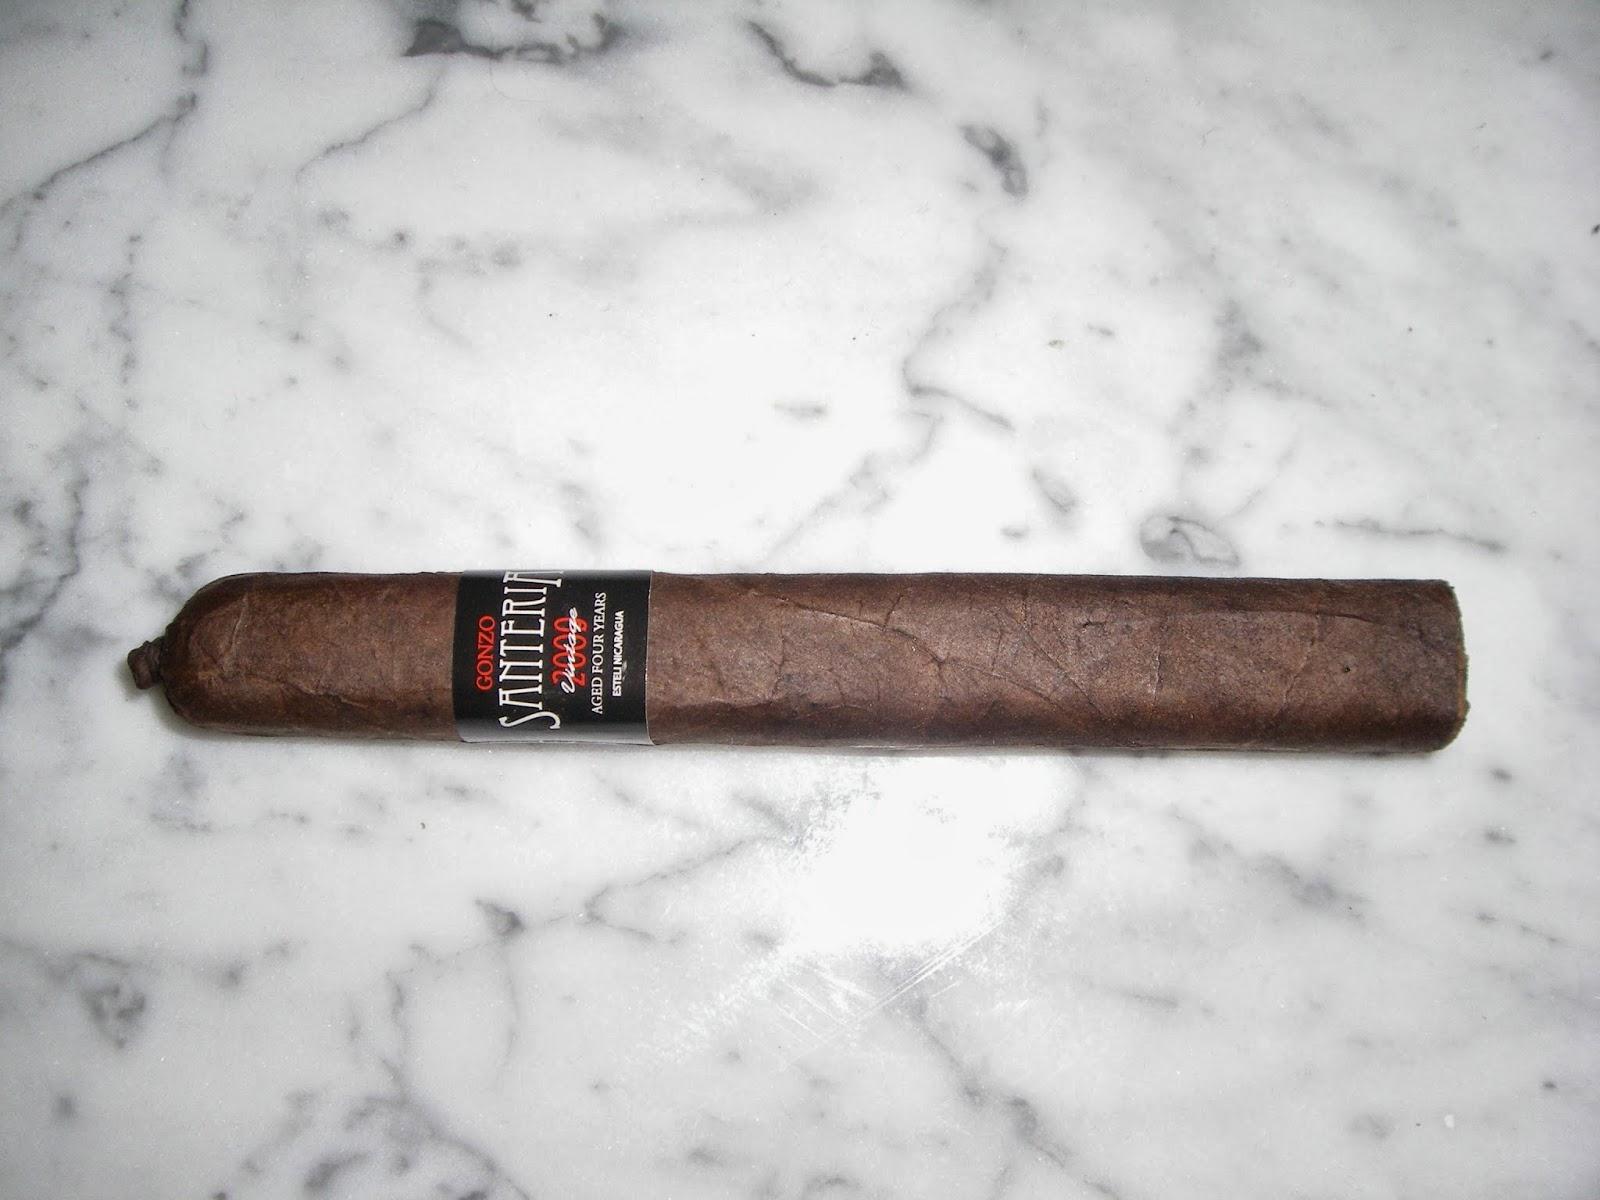 Cigar Review: Epicurean Gonzo Santeria